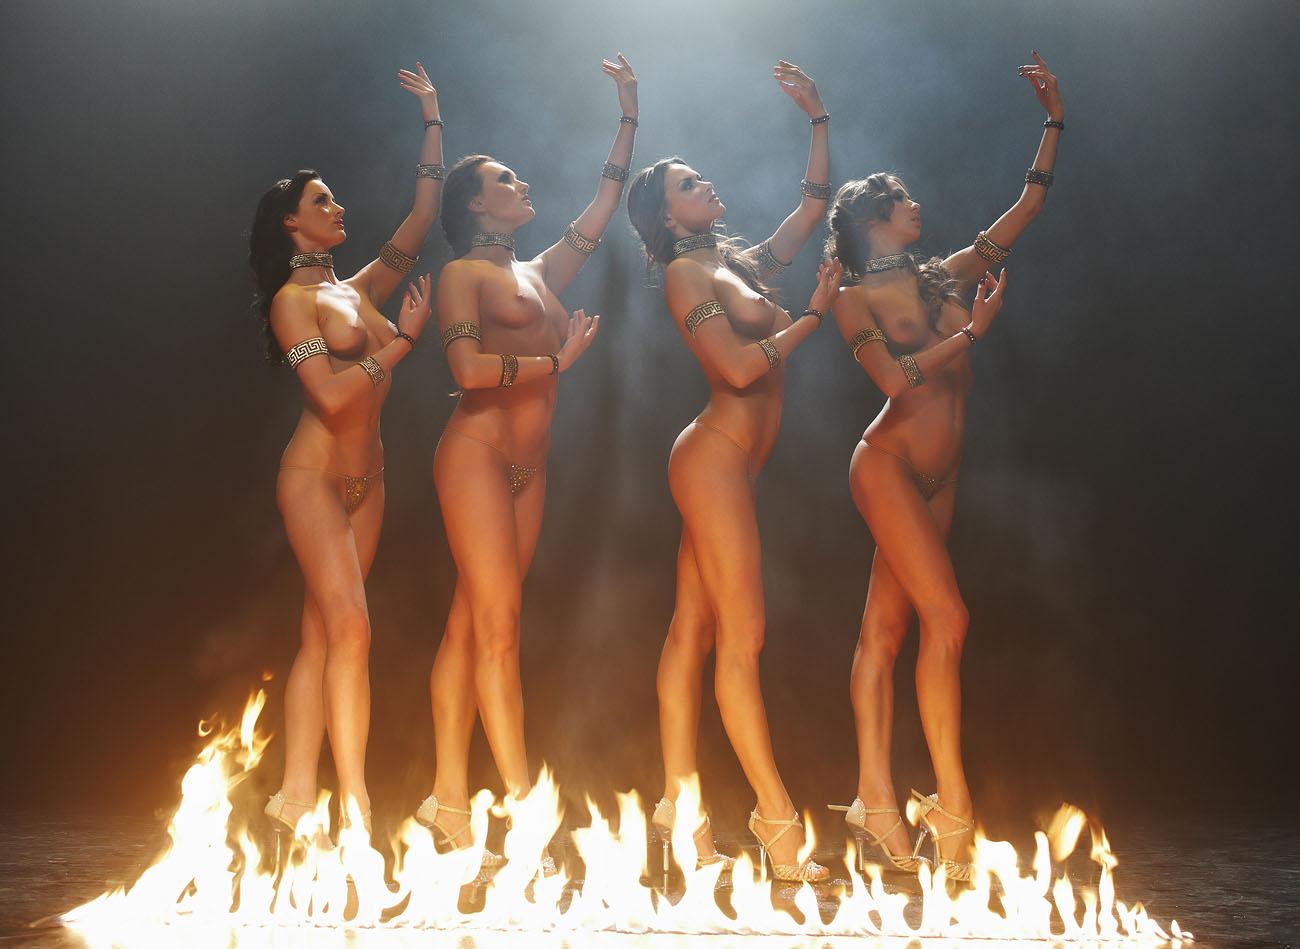 Смотреть эро шоу балет, Порно видео онлайн: ТанцыШоу 15 фотография